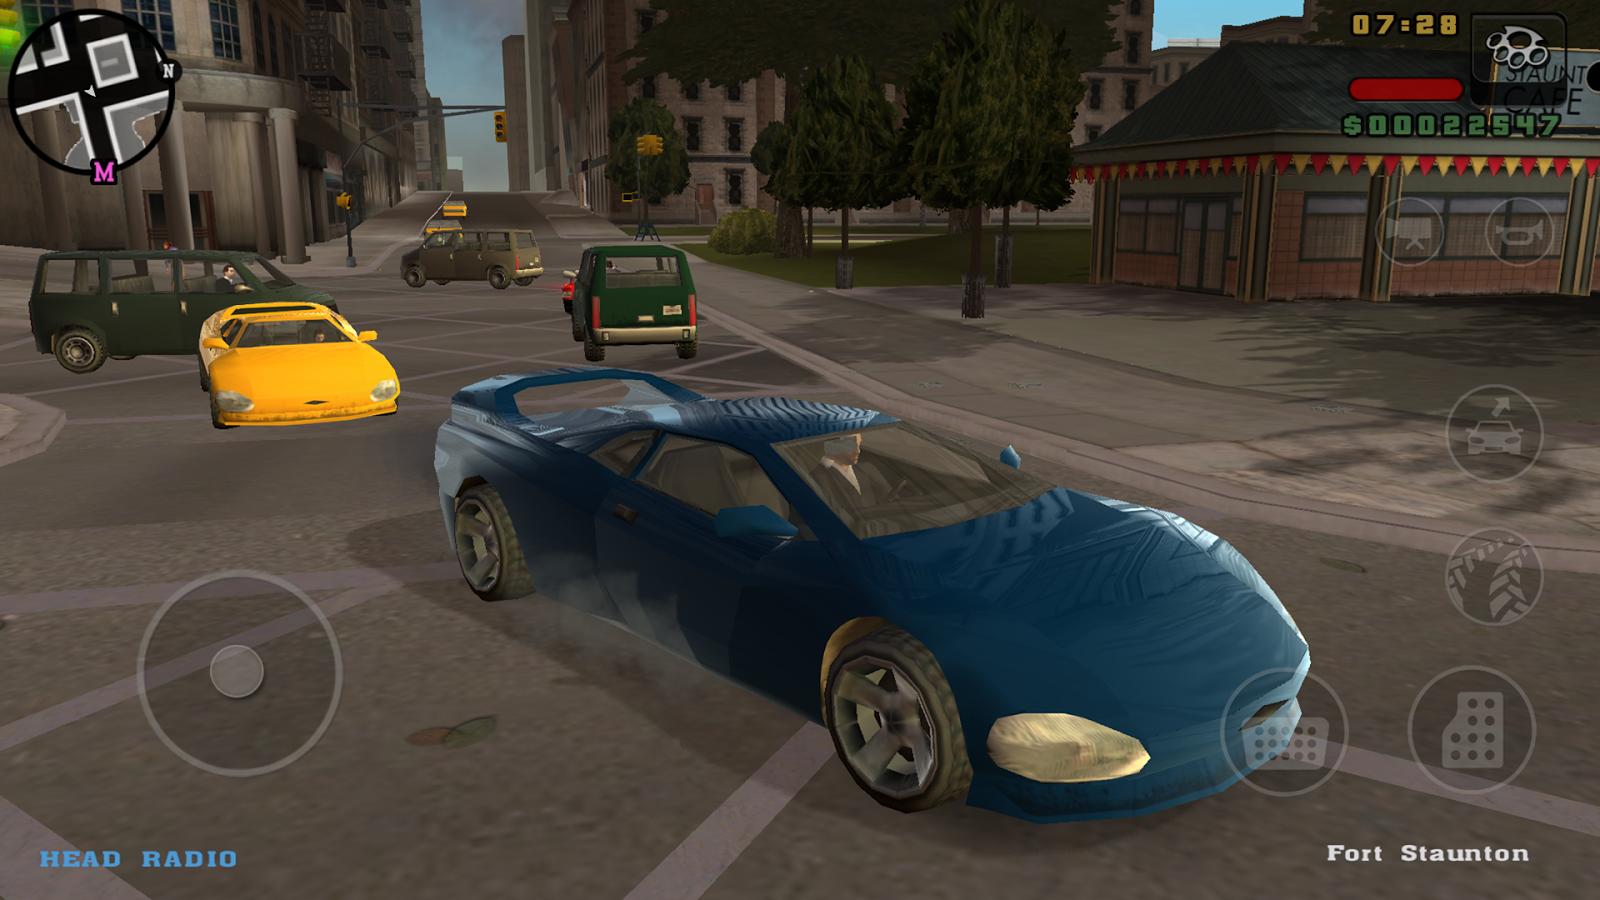 Gta:liberty city stories untuk (android) download gratis di mobomarket.